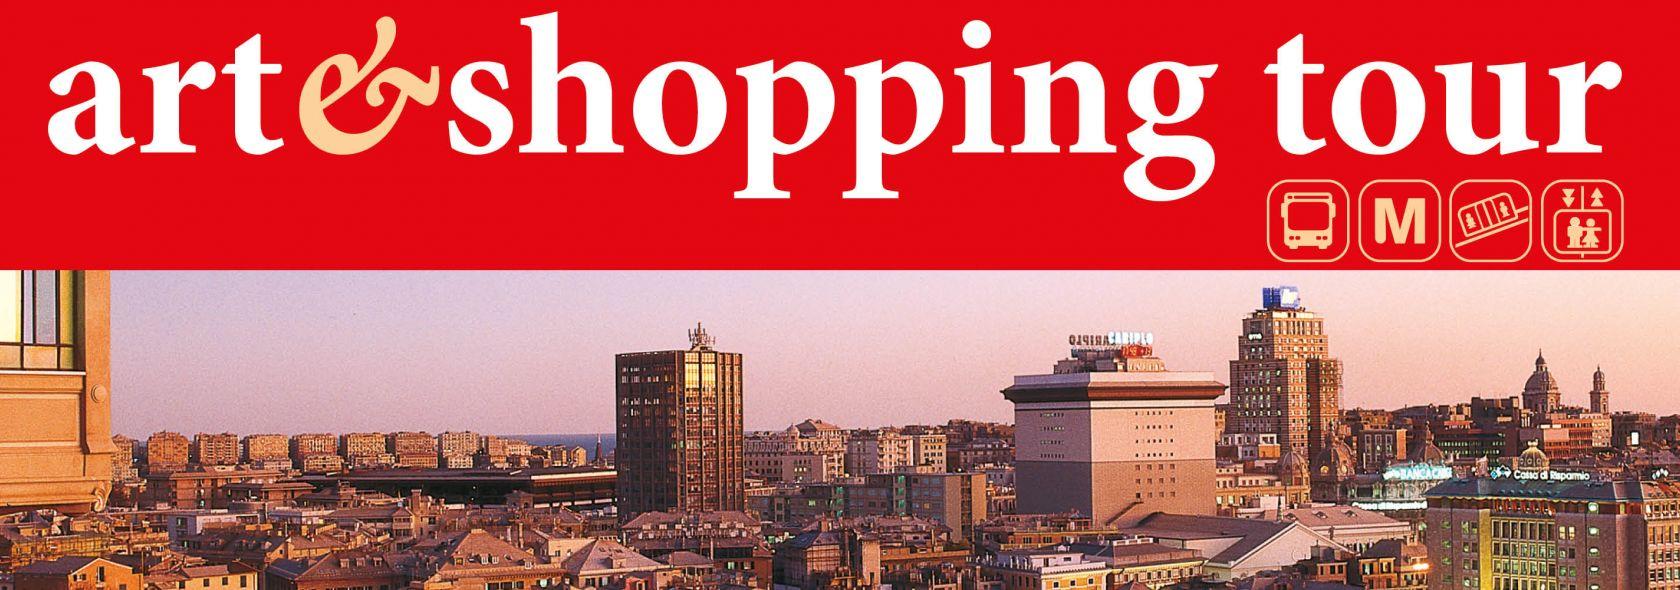 Исскуство и Покупки для путешественников круизных лайнеров